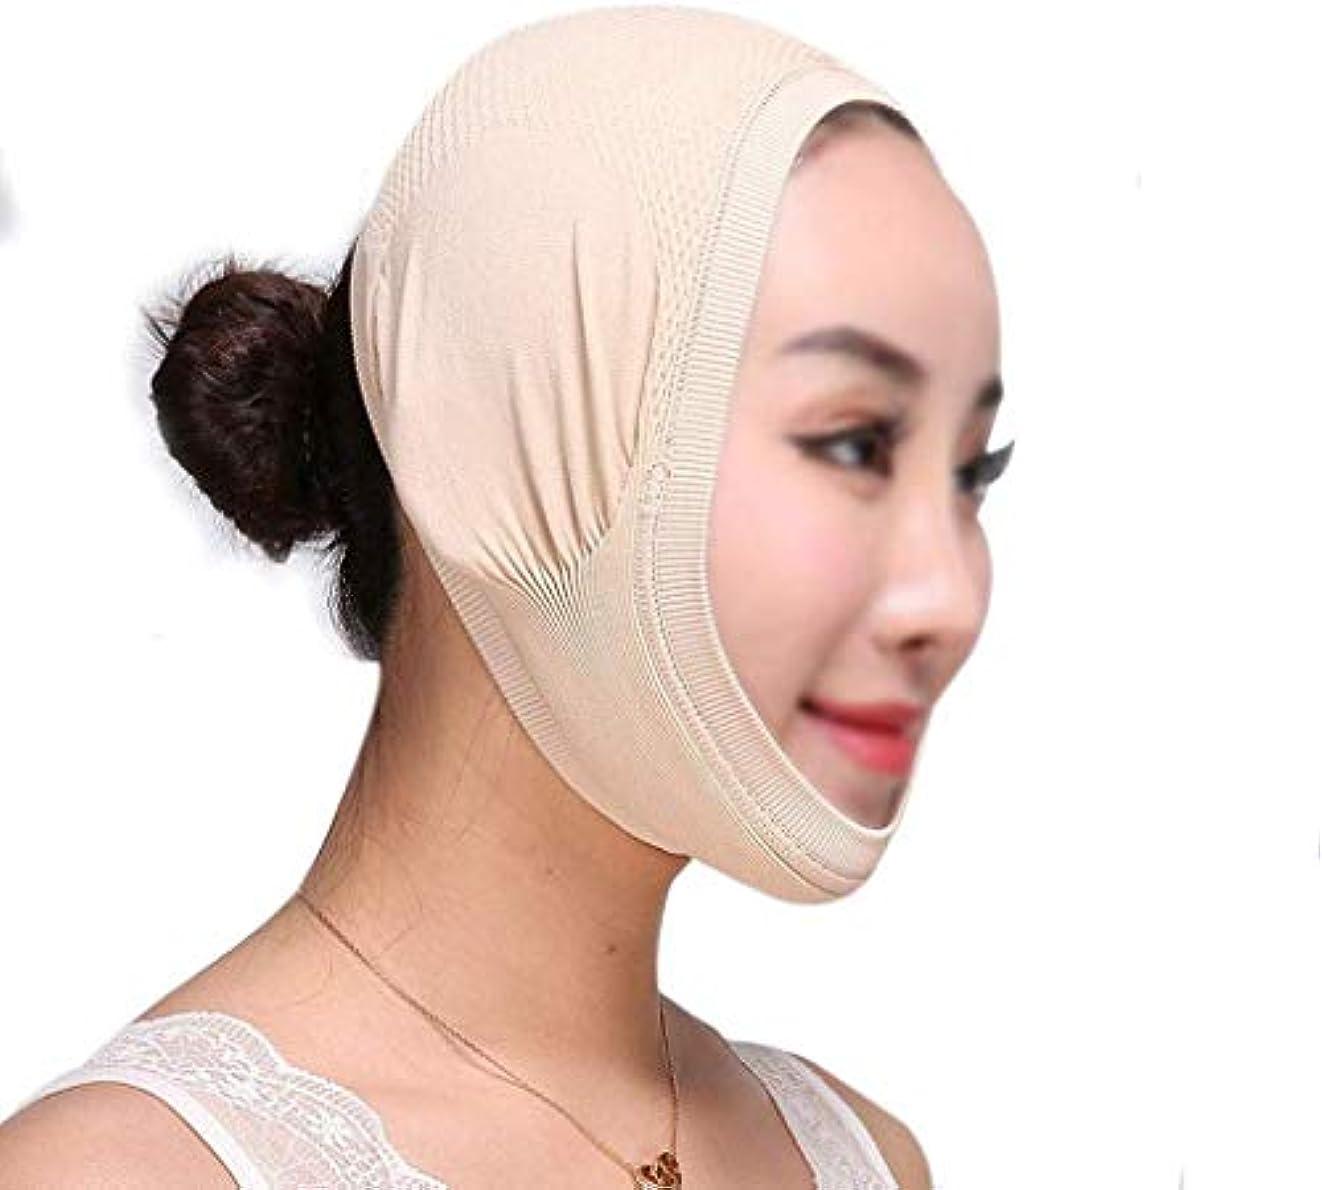 デザート美しいひもV顔リフティング包帯薄いフェイスマスク(色:肌のトーン(B))